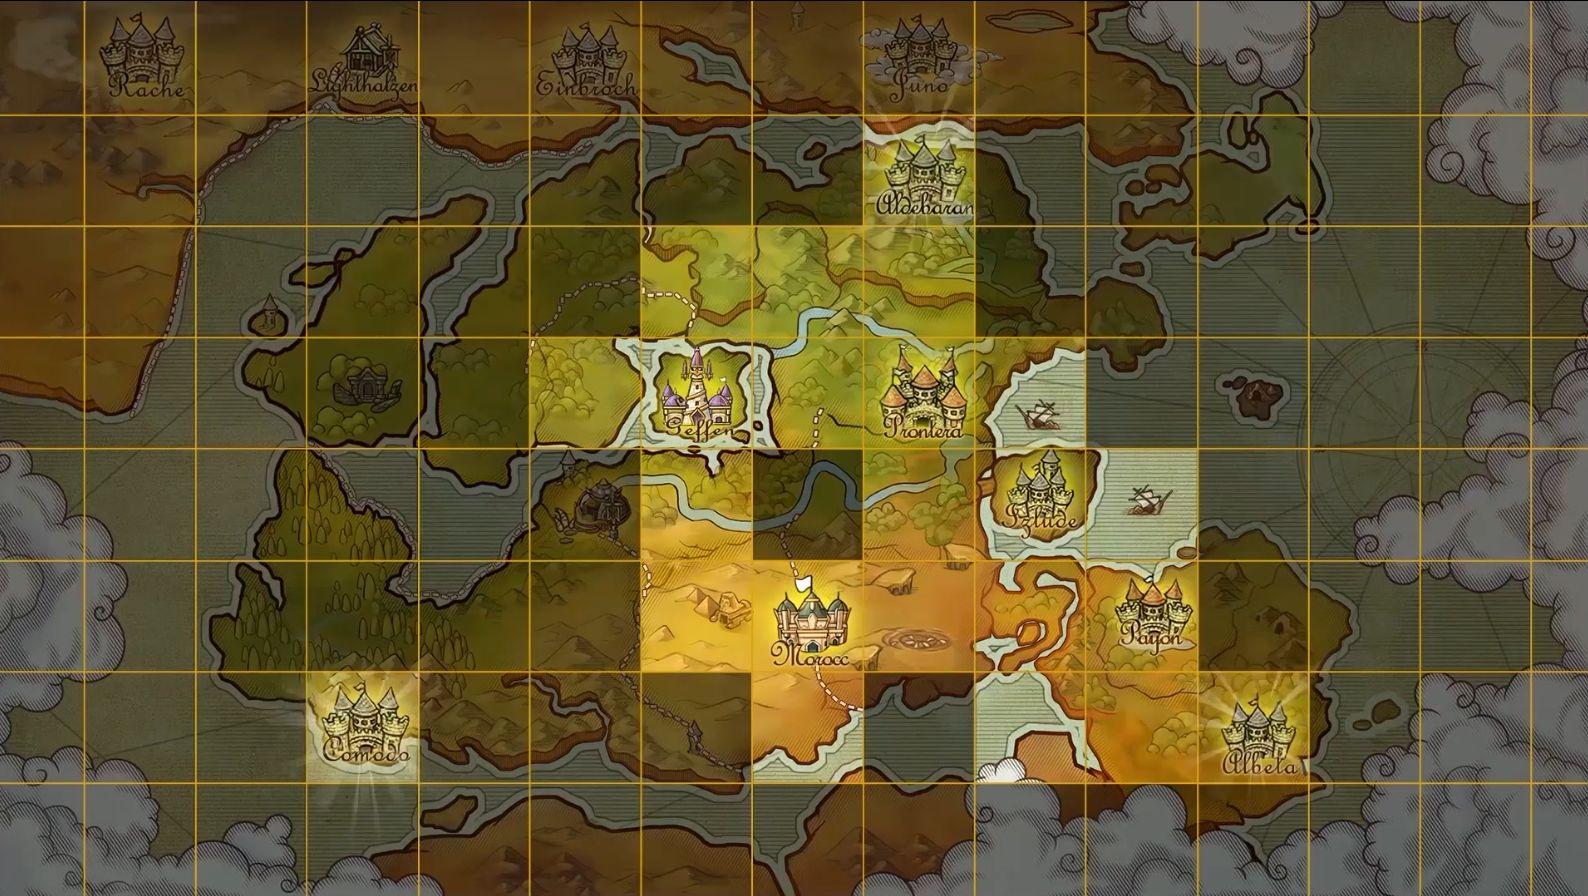 目前已开放地图